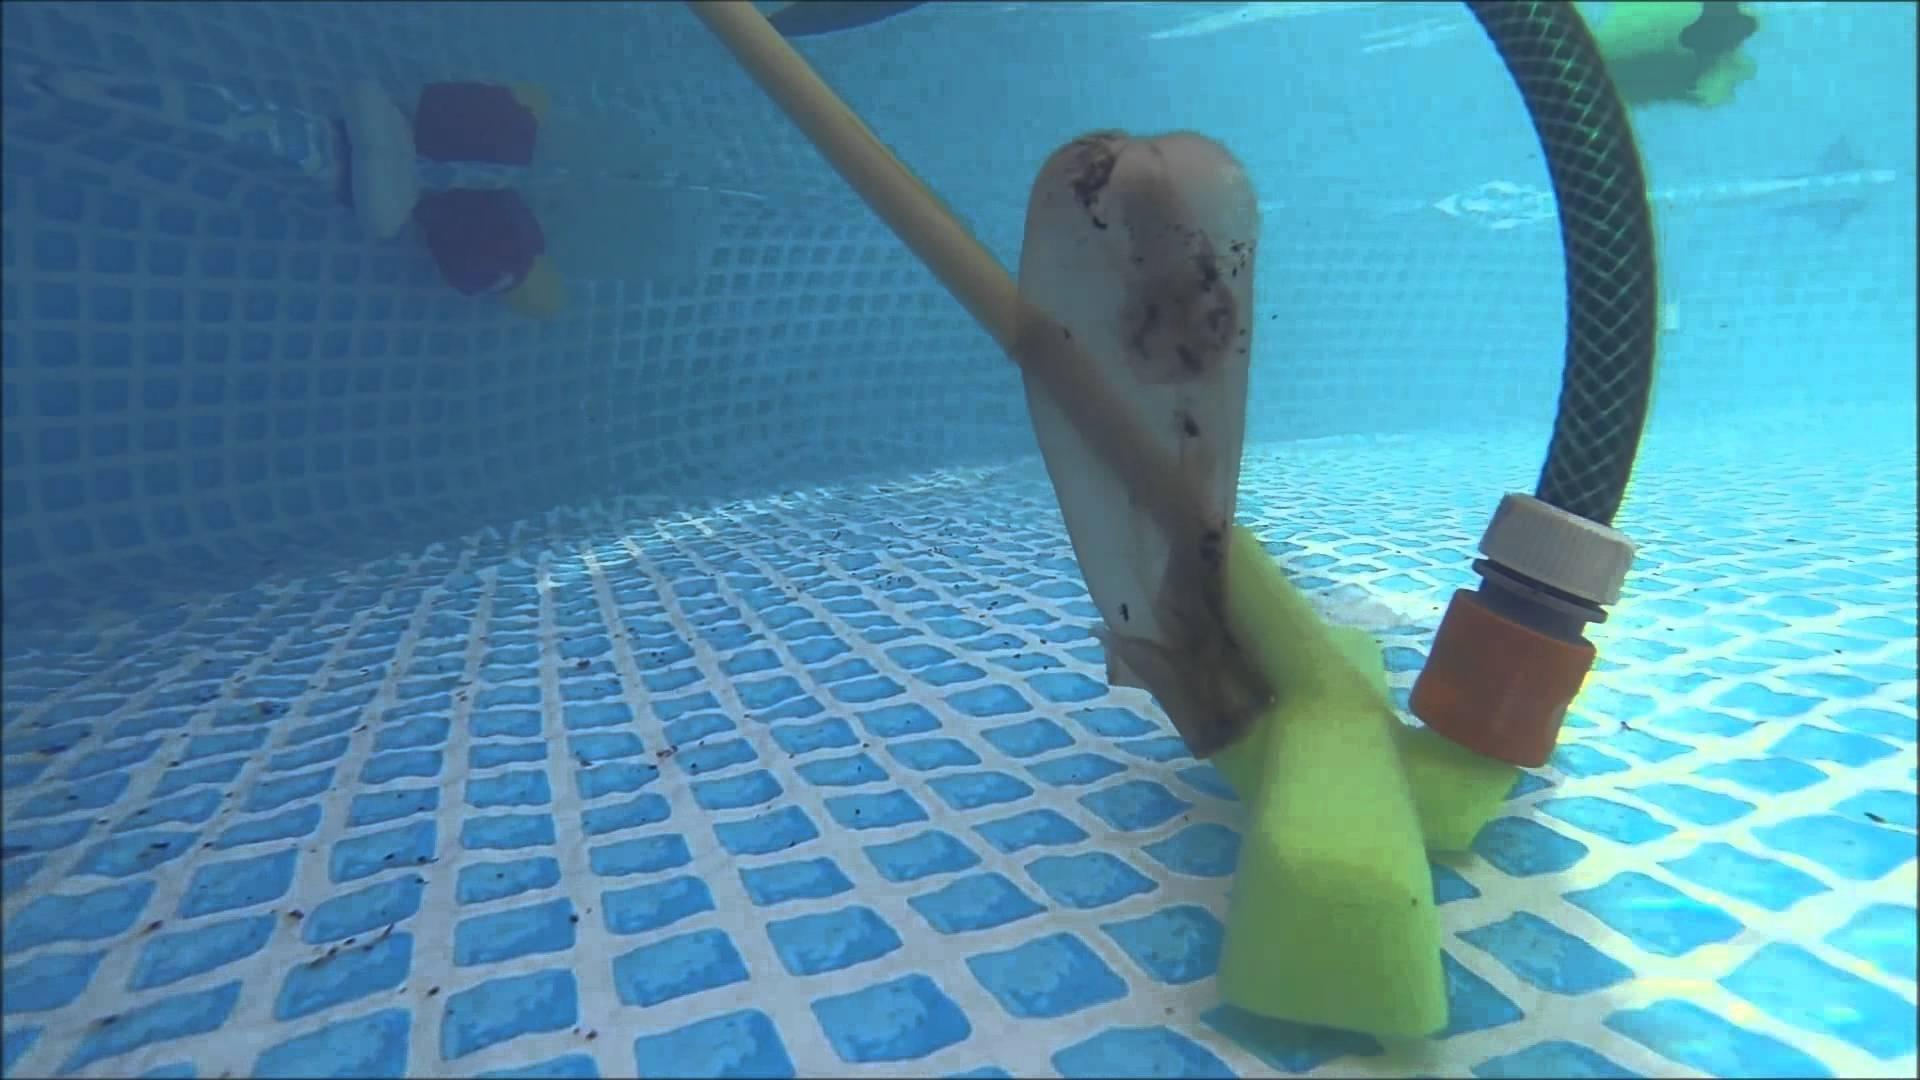 Как пользоваться пылесосом для бассейна: как использовать ручной водный прибор, пылесосить роботом, чистить дно и стенки?